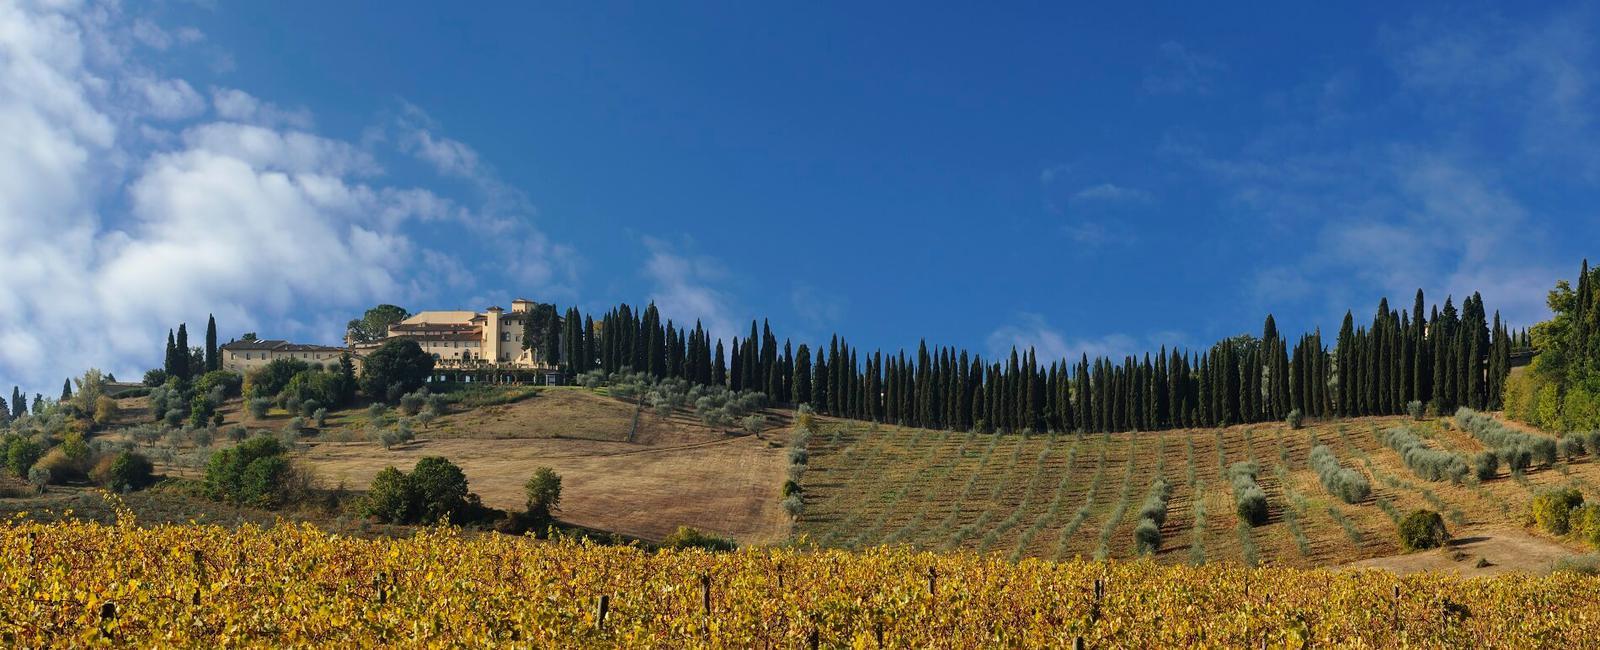 Castello del Nero - Chianti